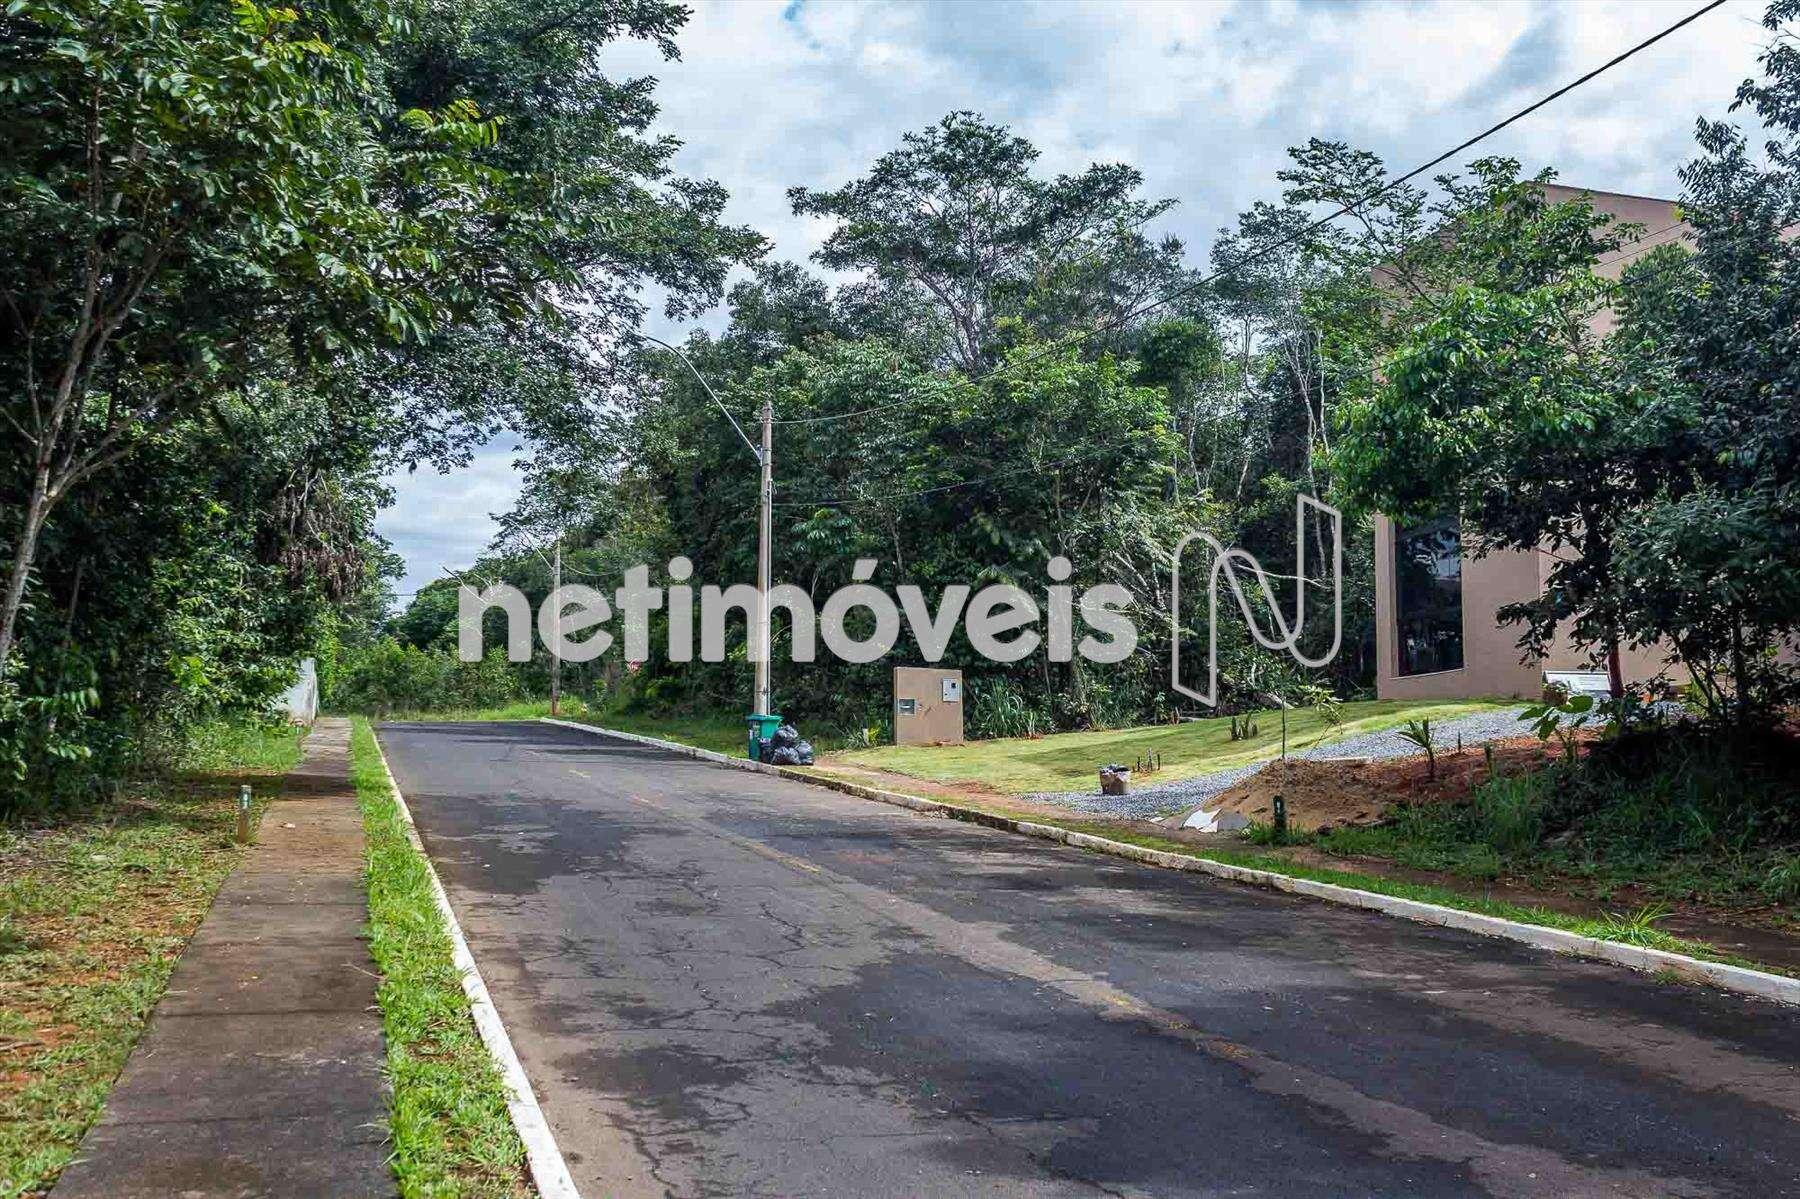 lote em condomínio,lote-área-terreno,distrito federal,lago sul,brasília,df 140,tororó,santa mônica,